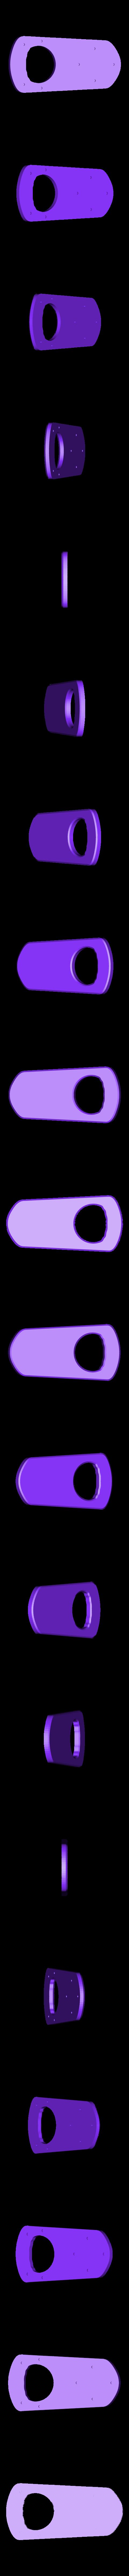 Teil_oben_mit_Lcher_Lcher_oben.stl Télécharger fichier STL gratuit ouvre-bouteille • Modèle à imprimer en 3D, Wailroth3D